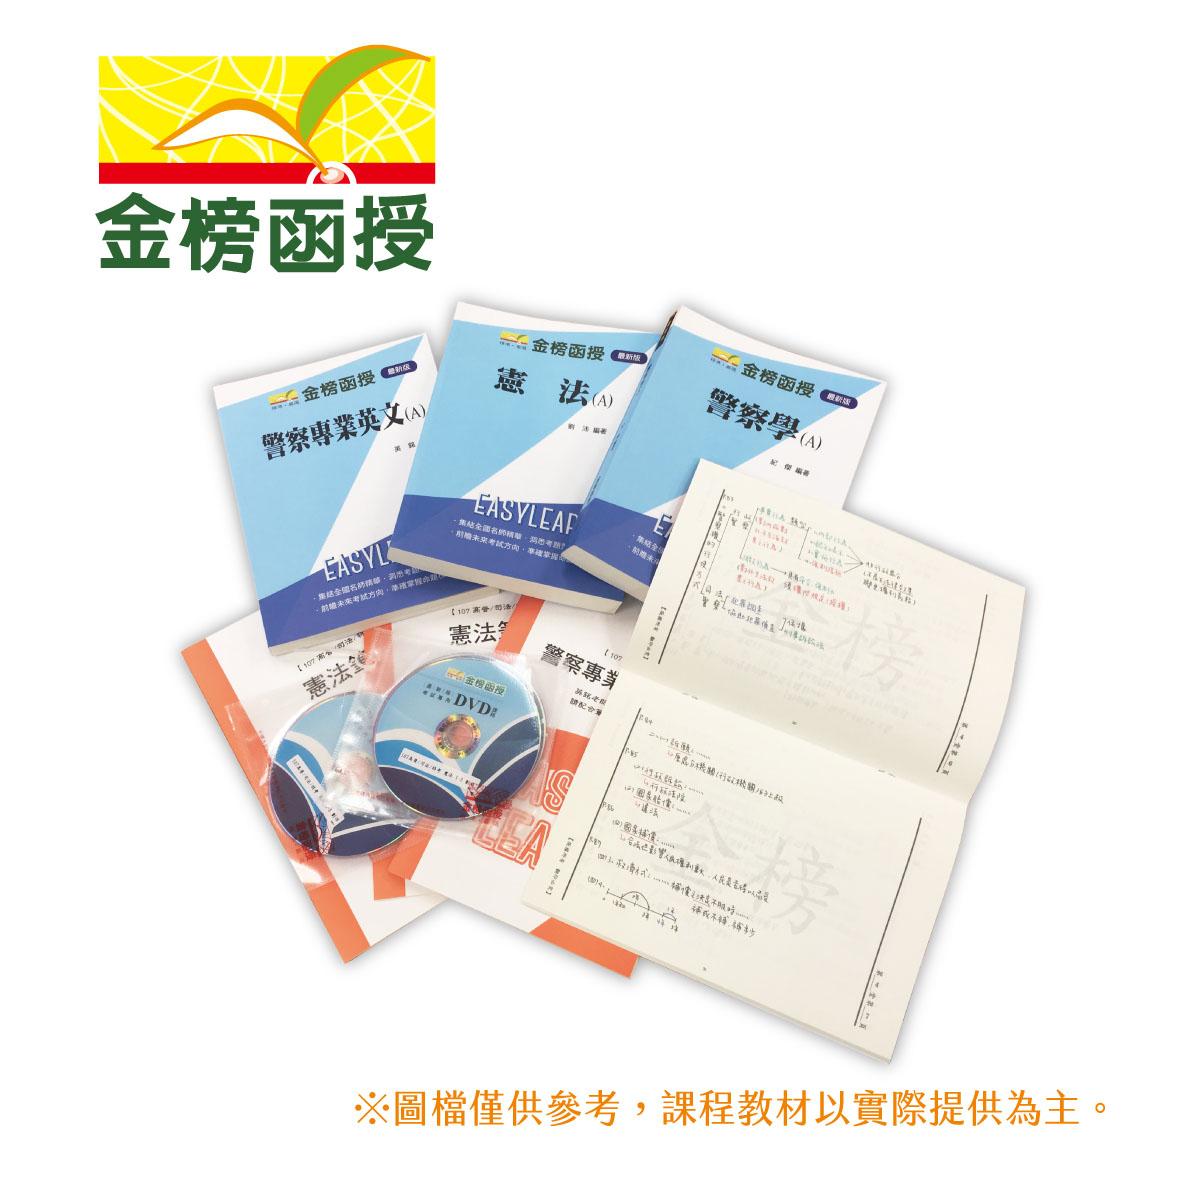 108金榜函授/初等考/全套/经建行政/MP3